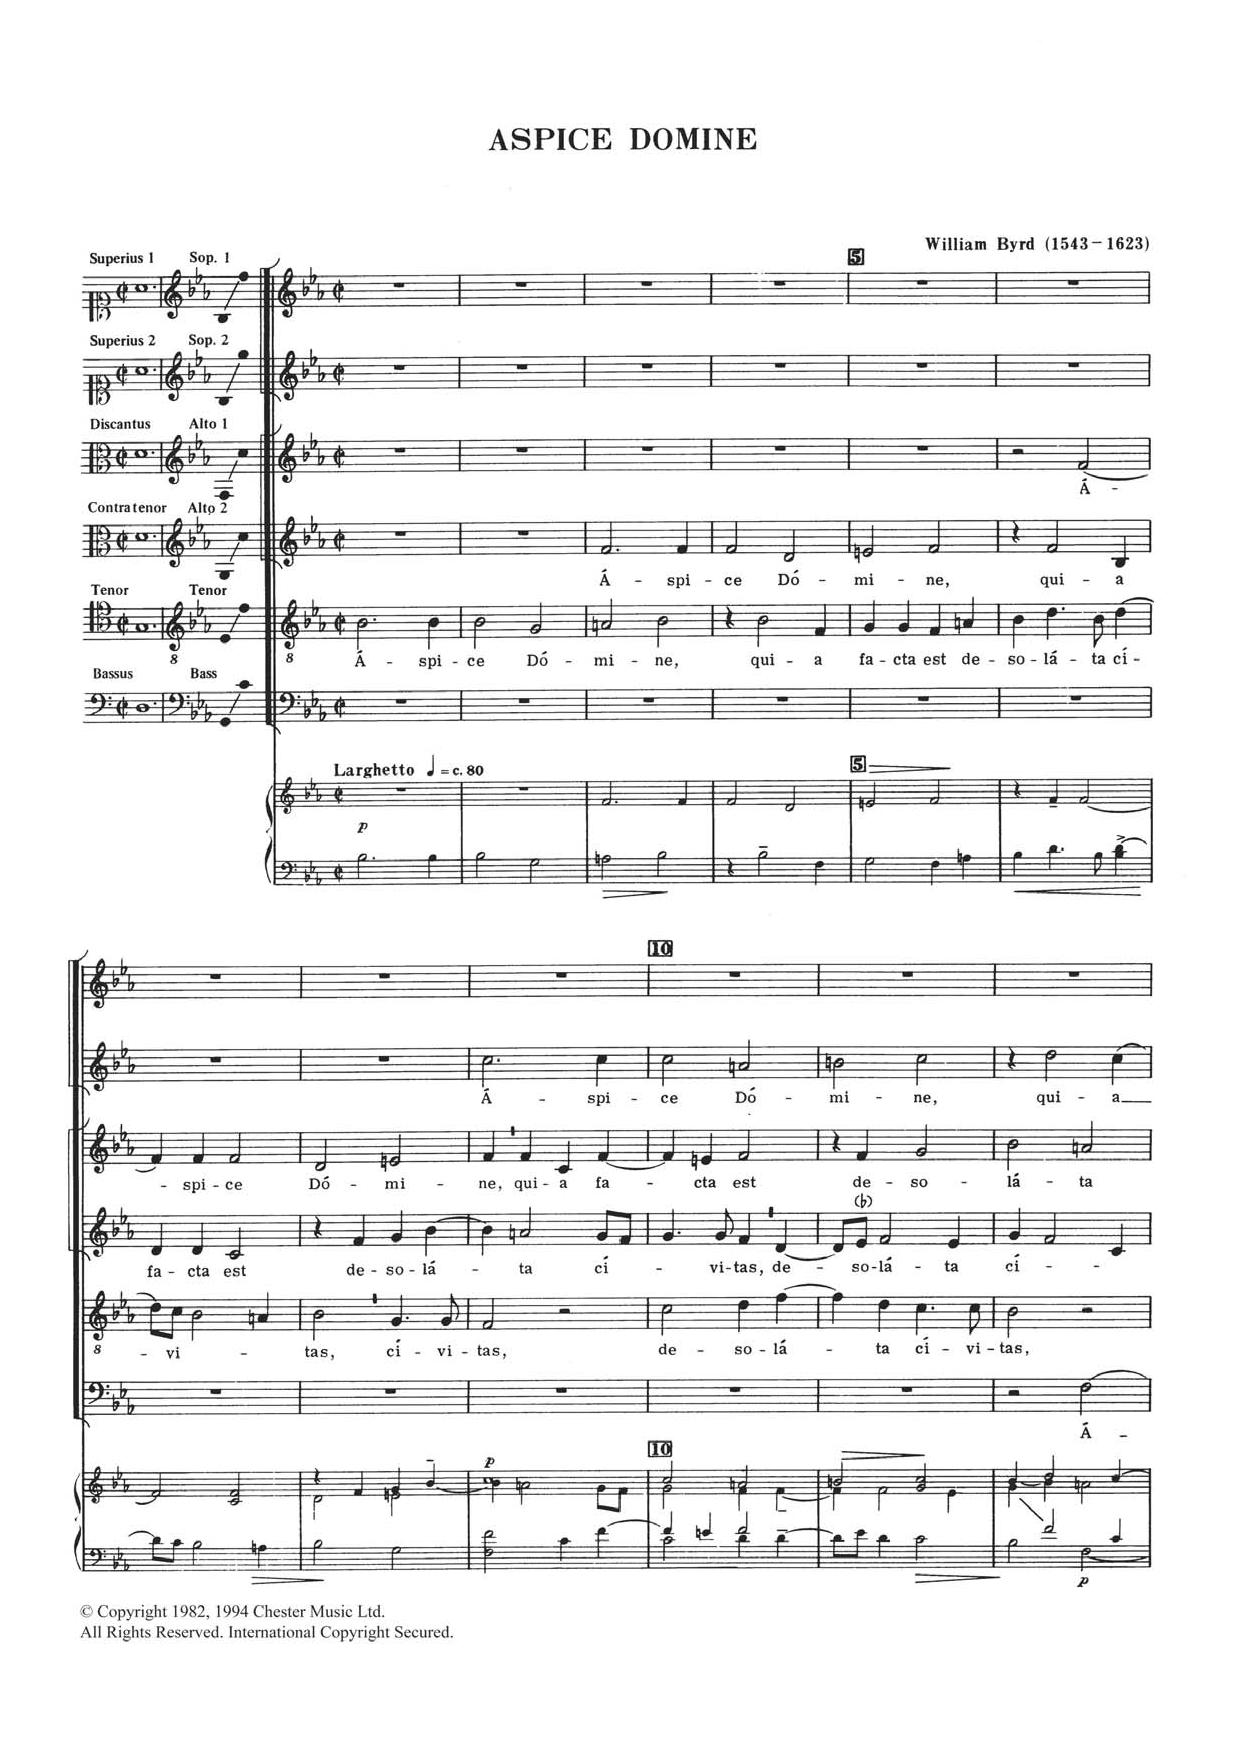 William Byrd - Aspice Domine